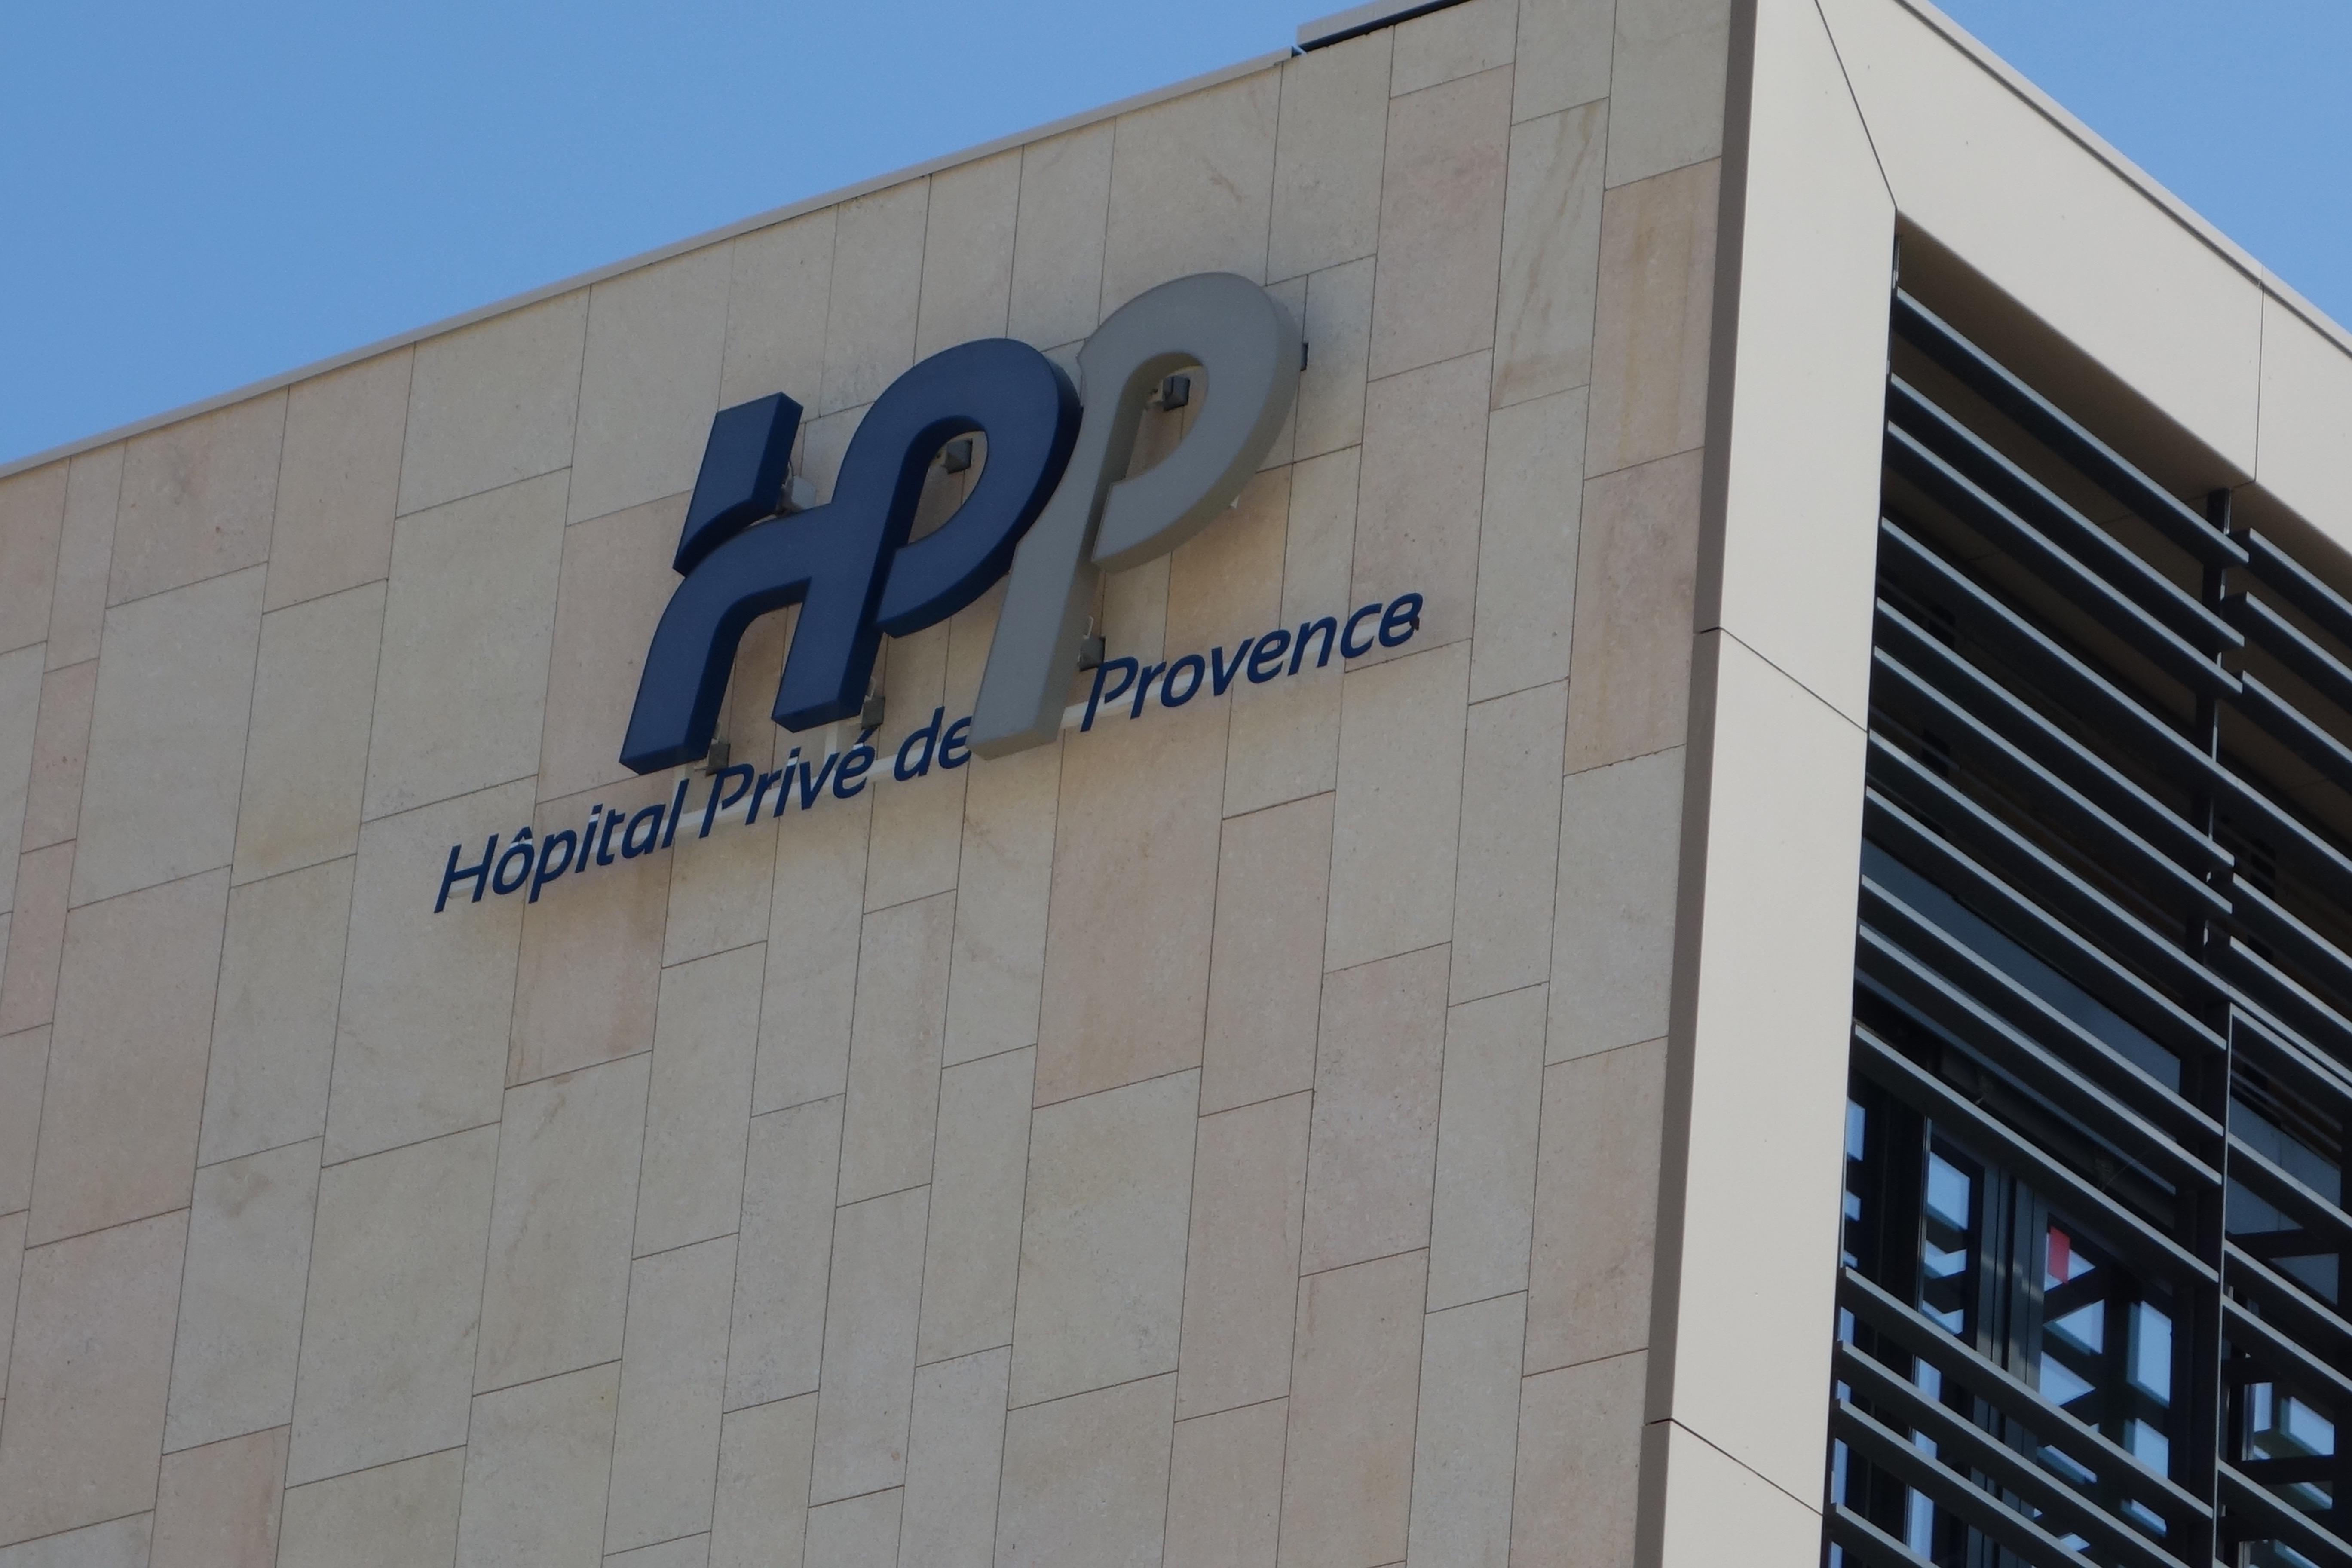 Dossier de presse - L'Hôpital Privé de Provence et la Maison médicale de Provence